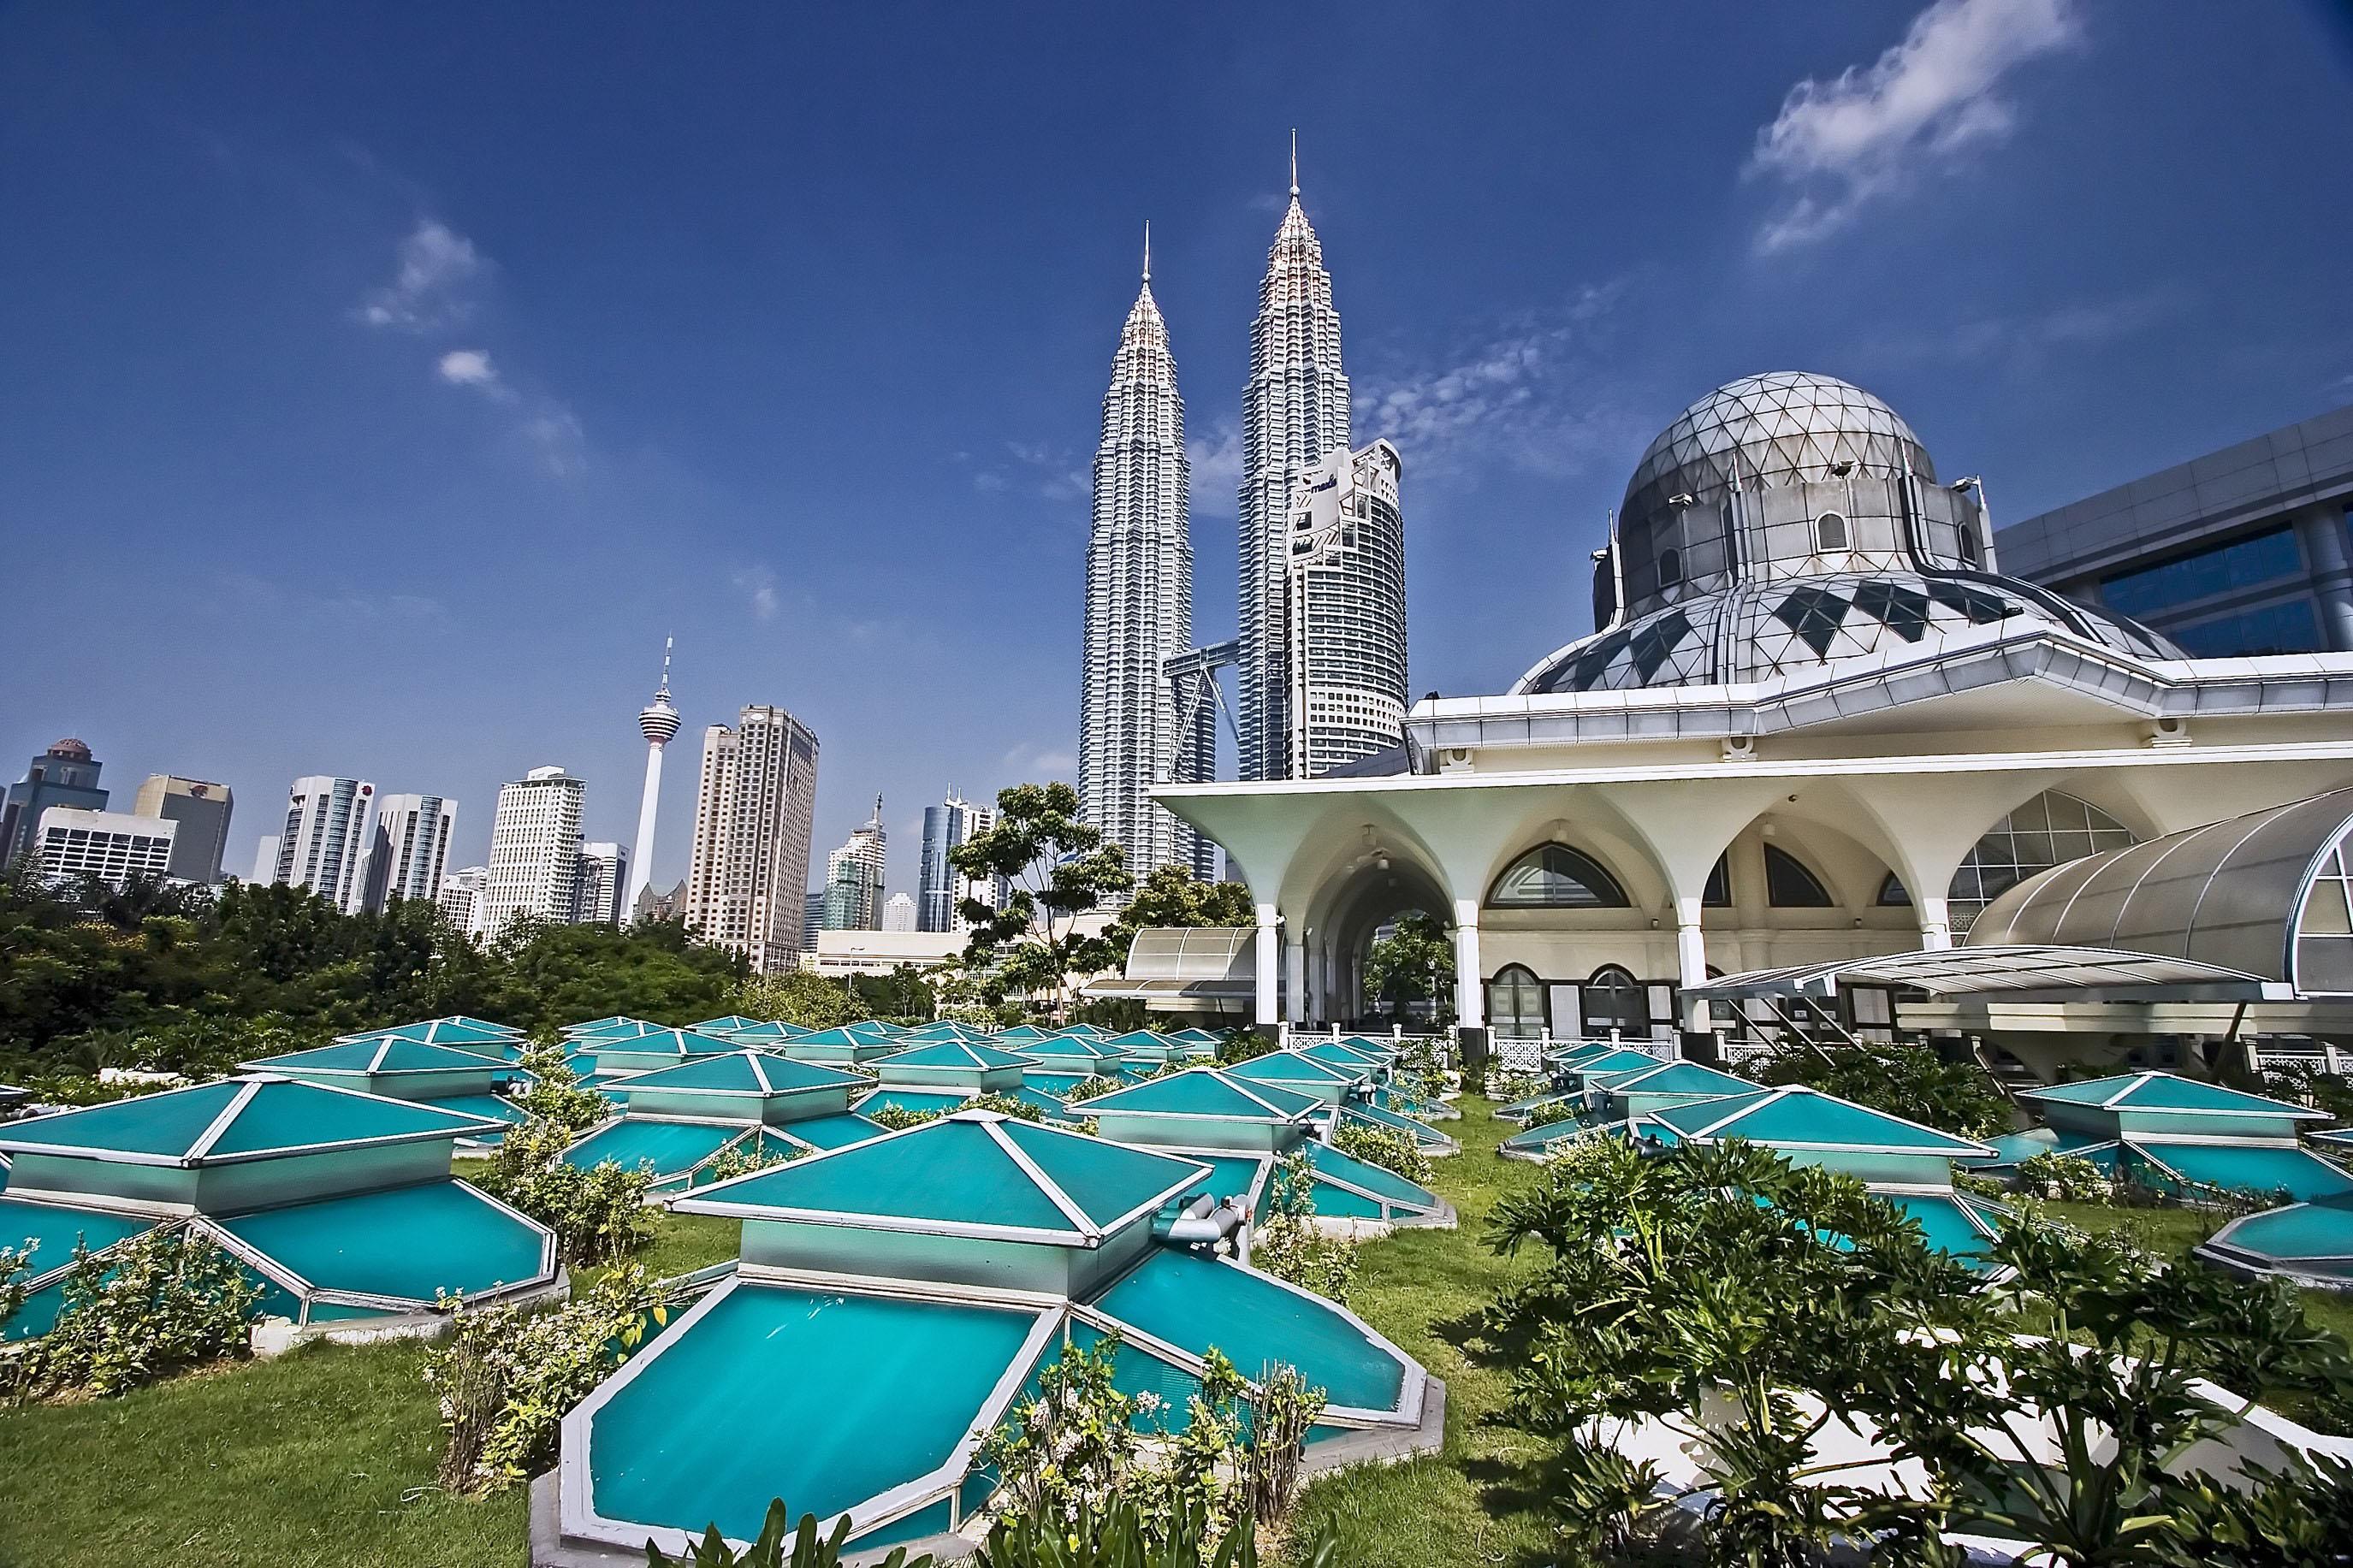 صوره افضل مكتب سياحي في ماليزيا, السياحه فى ماليزيا